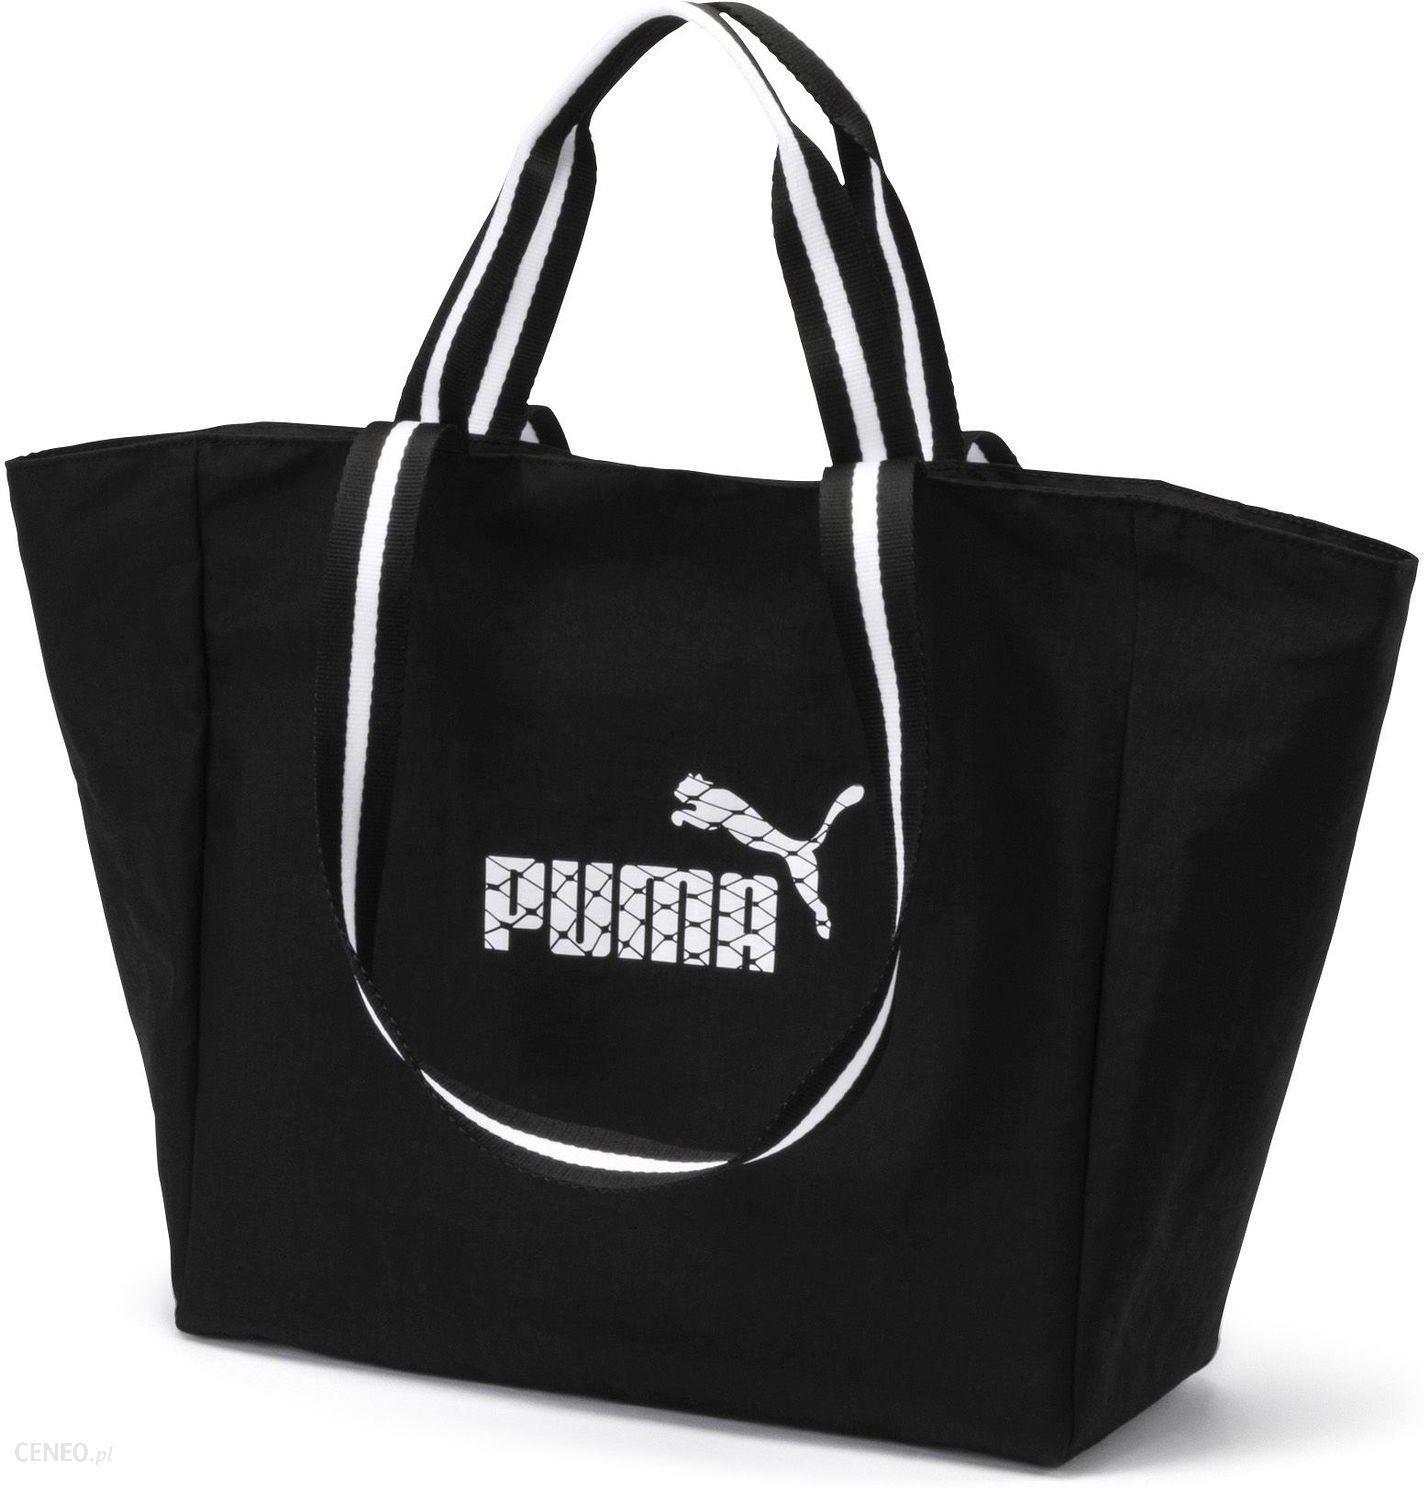 1ef14a23b4d38 Zdjęcie Torba Core Large Shopper Wmn s 16L Puma (czarna - Bielsko-Biała